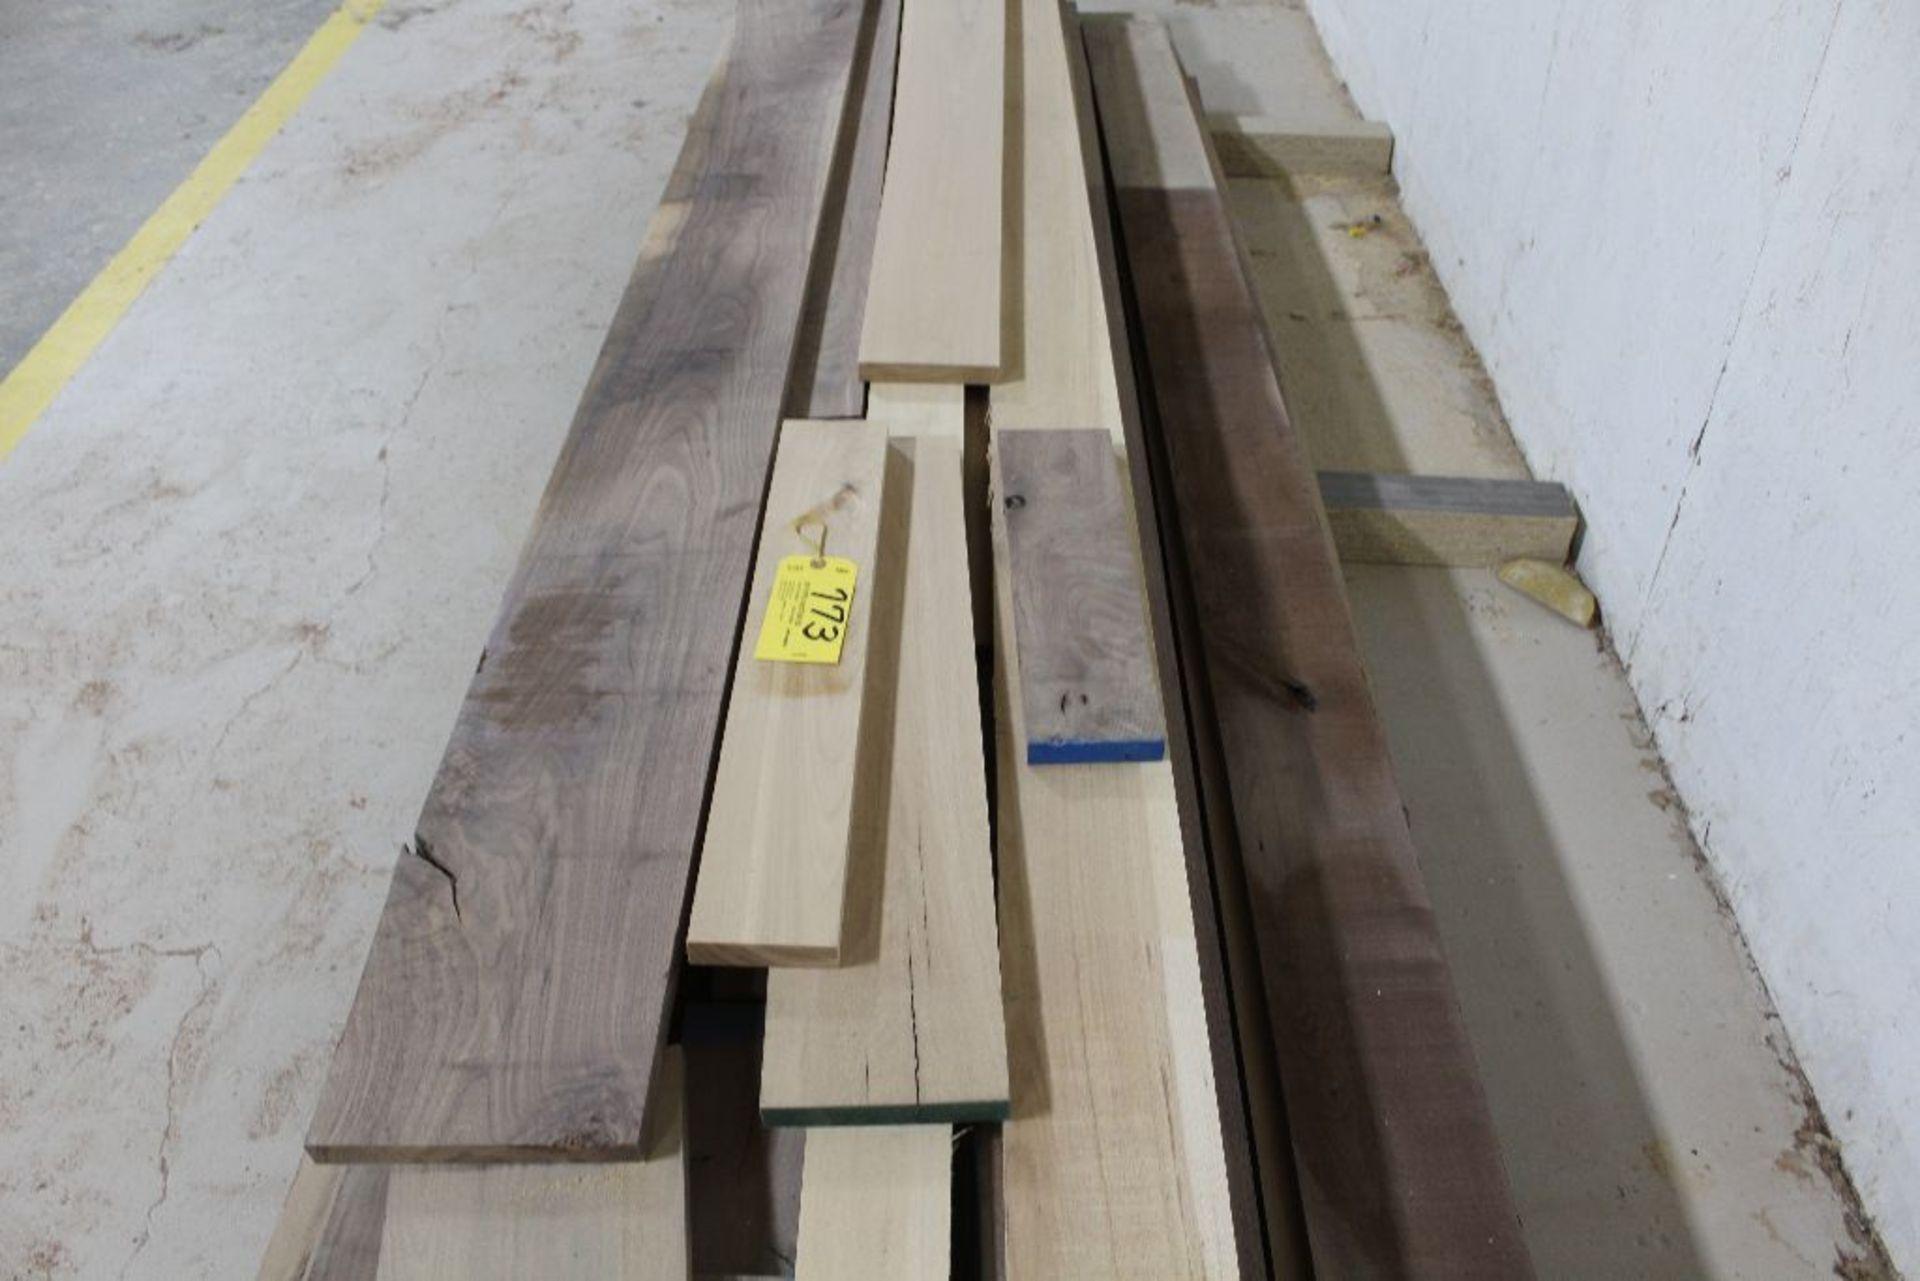 """Lot 773 - Lumber, rough cut walnut, 3/4"""" x 10' x 121""""."""